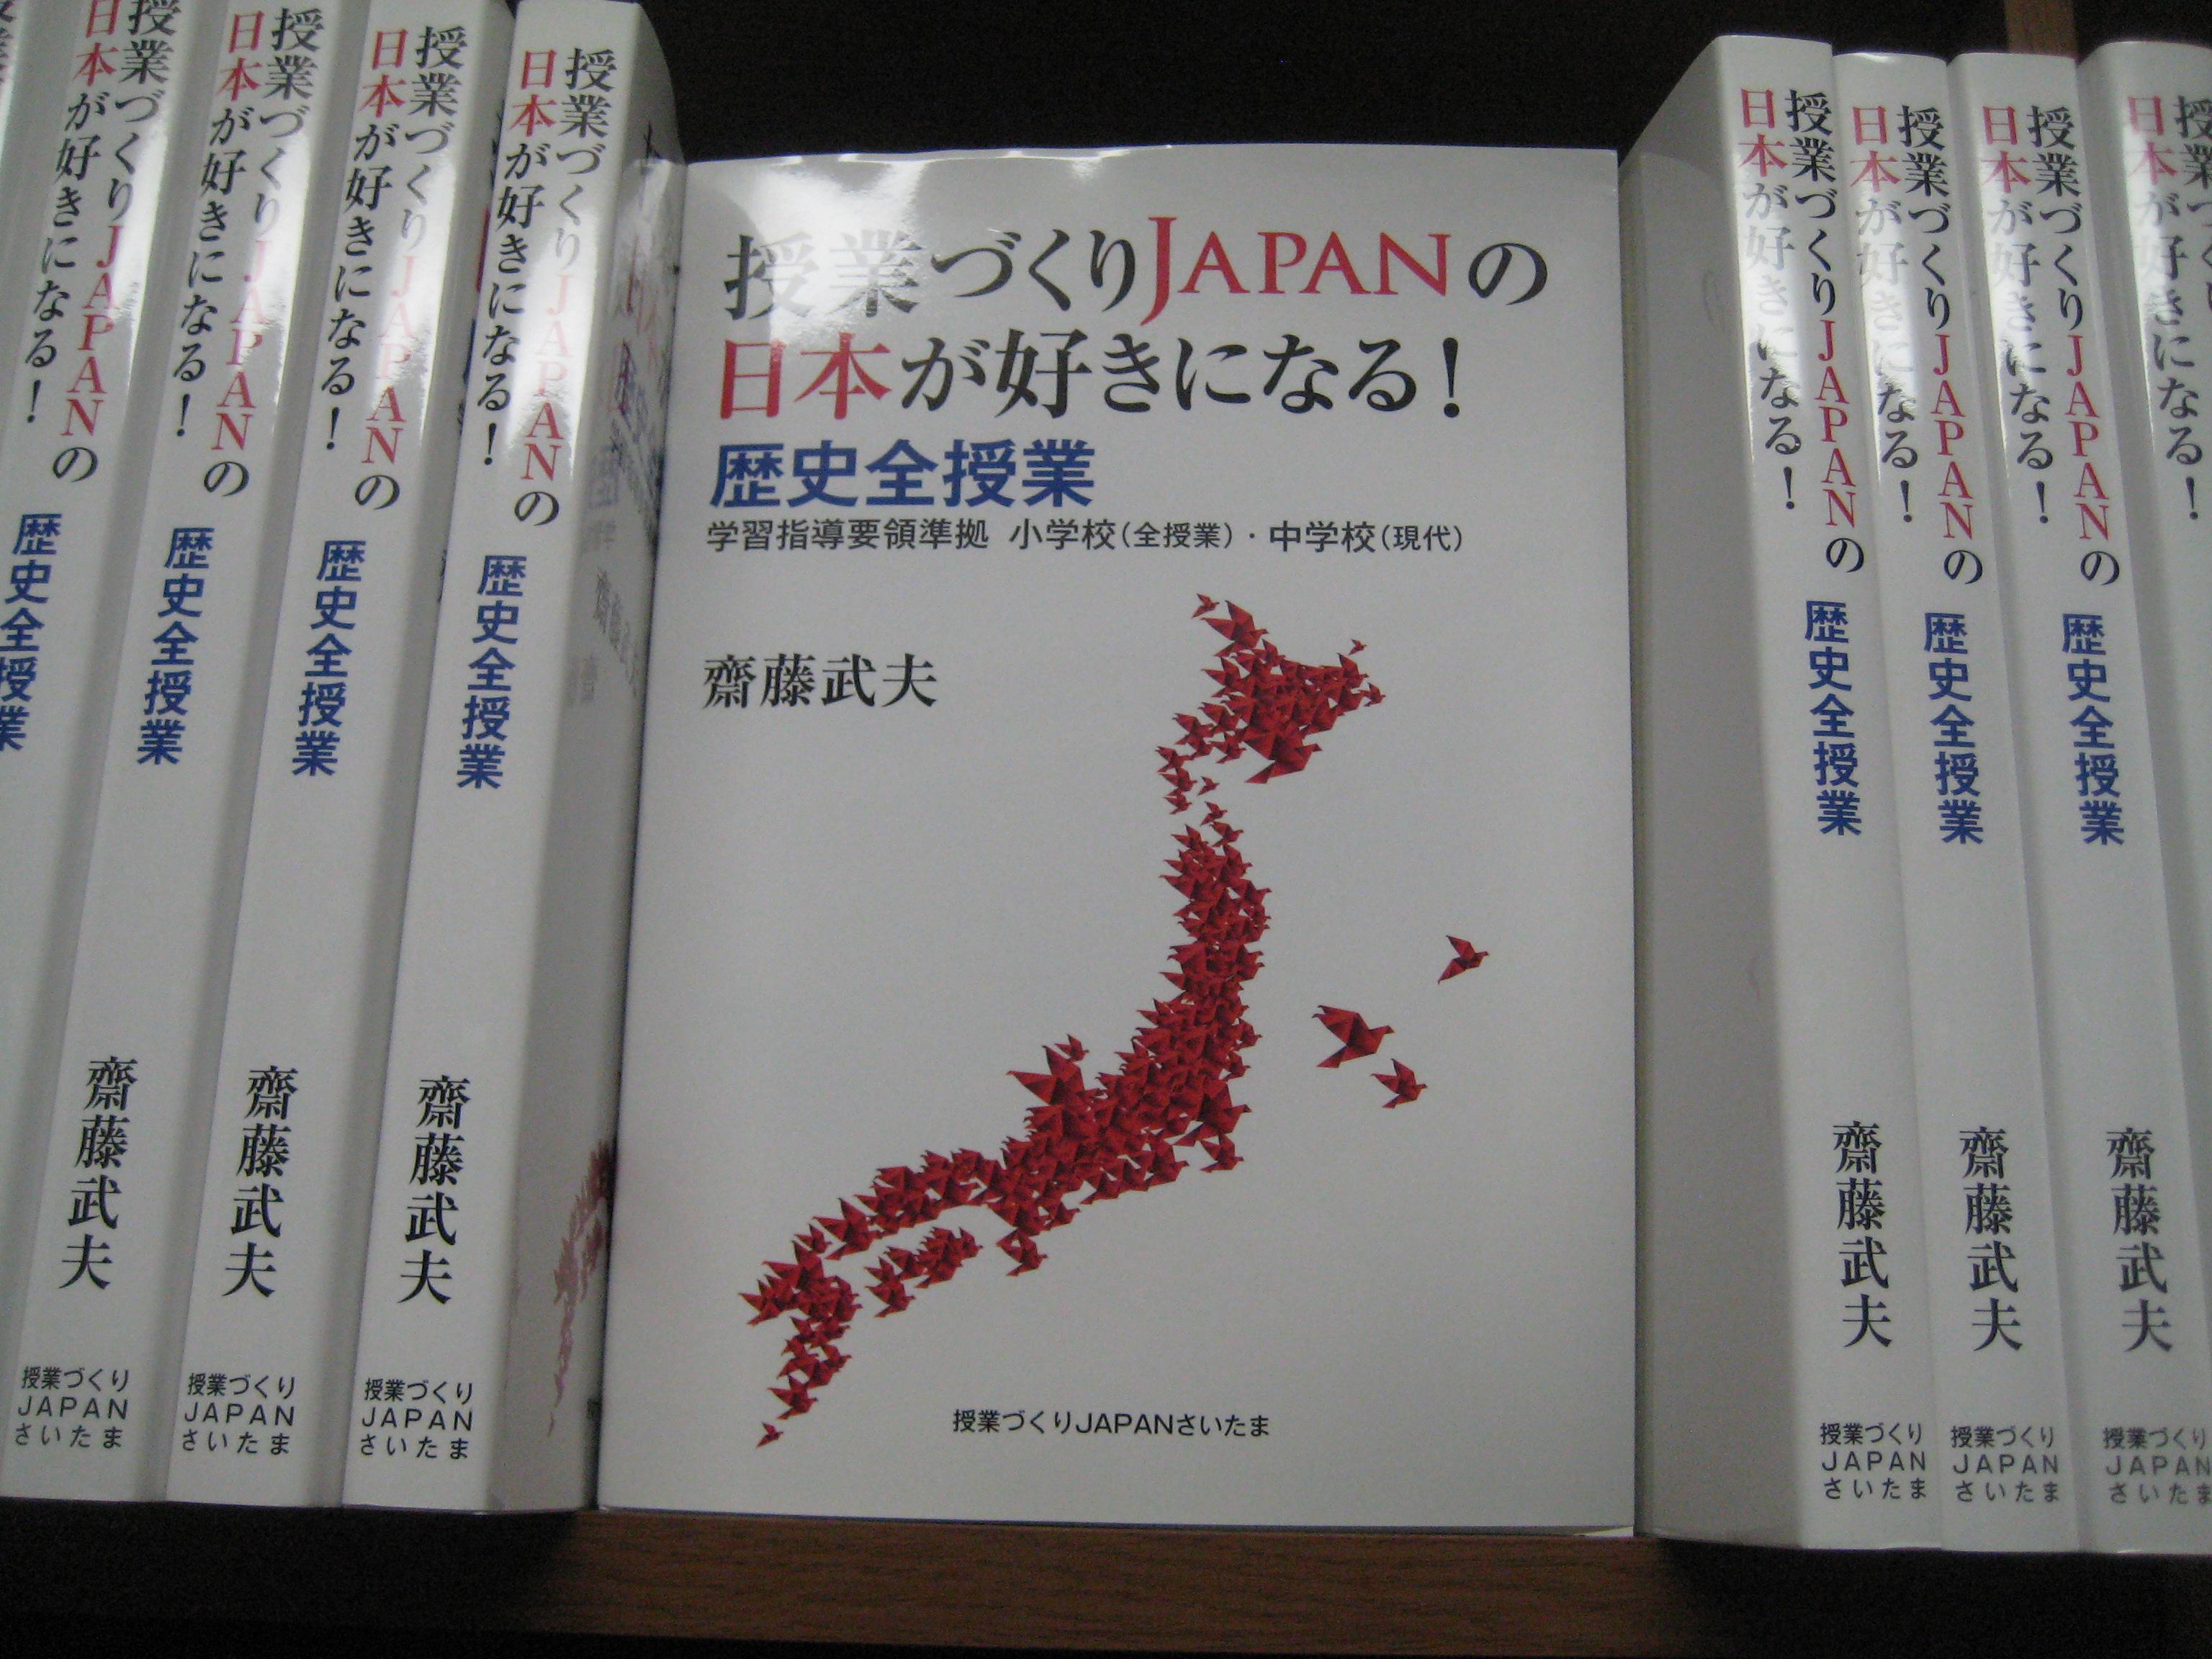 『授業づくりJAPANの日本が好きになる!歴史全授業』20150710154522c23